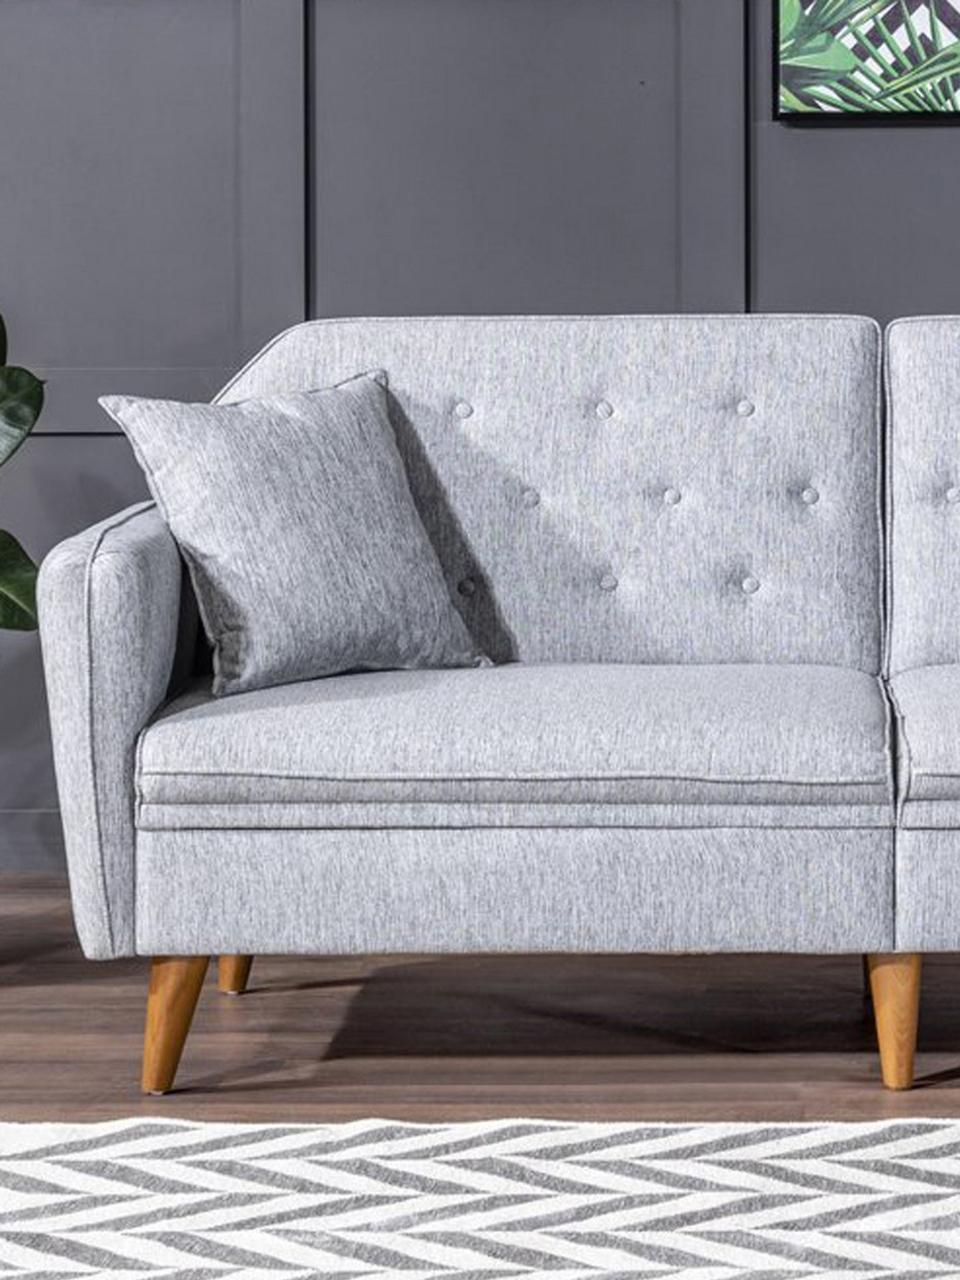 Sofa z funkcją spania (3-osobowa) Terra, Tapicerka: len, Stelaż: drewno rogowe, metal, Nogi: drewno naturalne, Szary, S 202 x G 83 cm